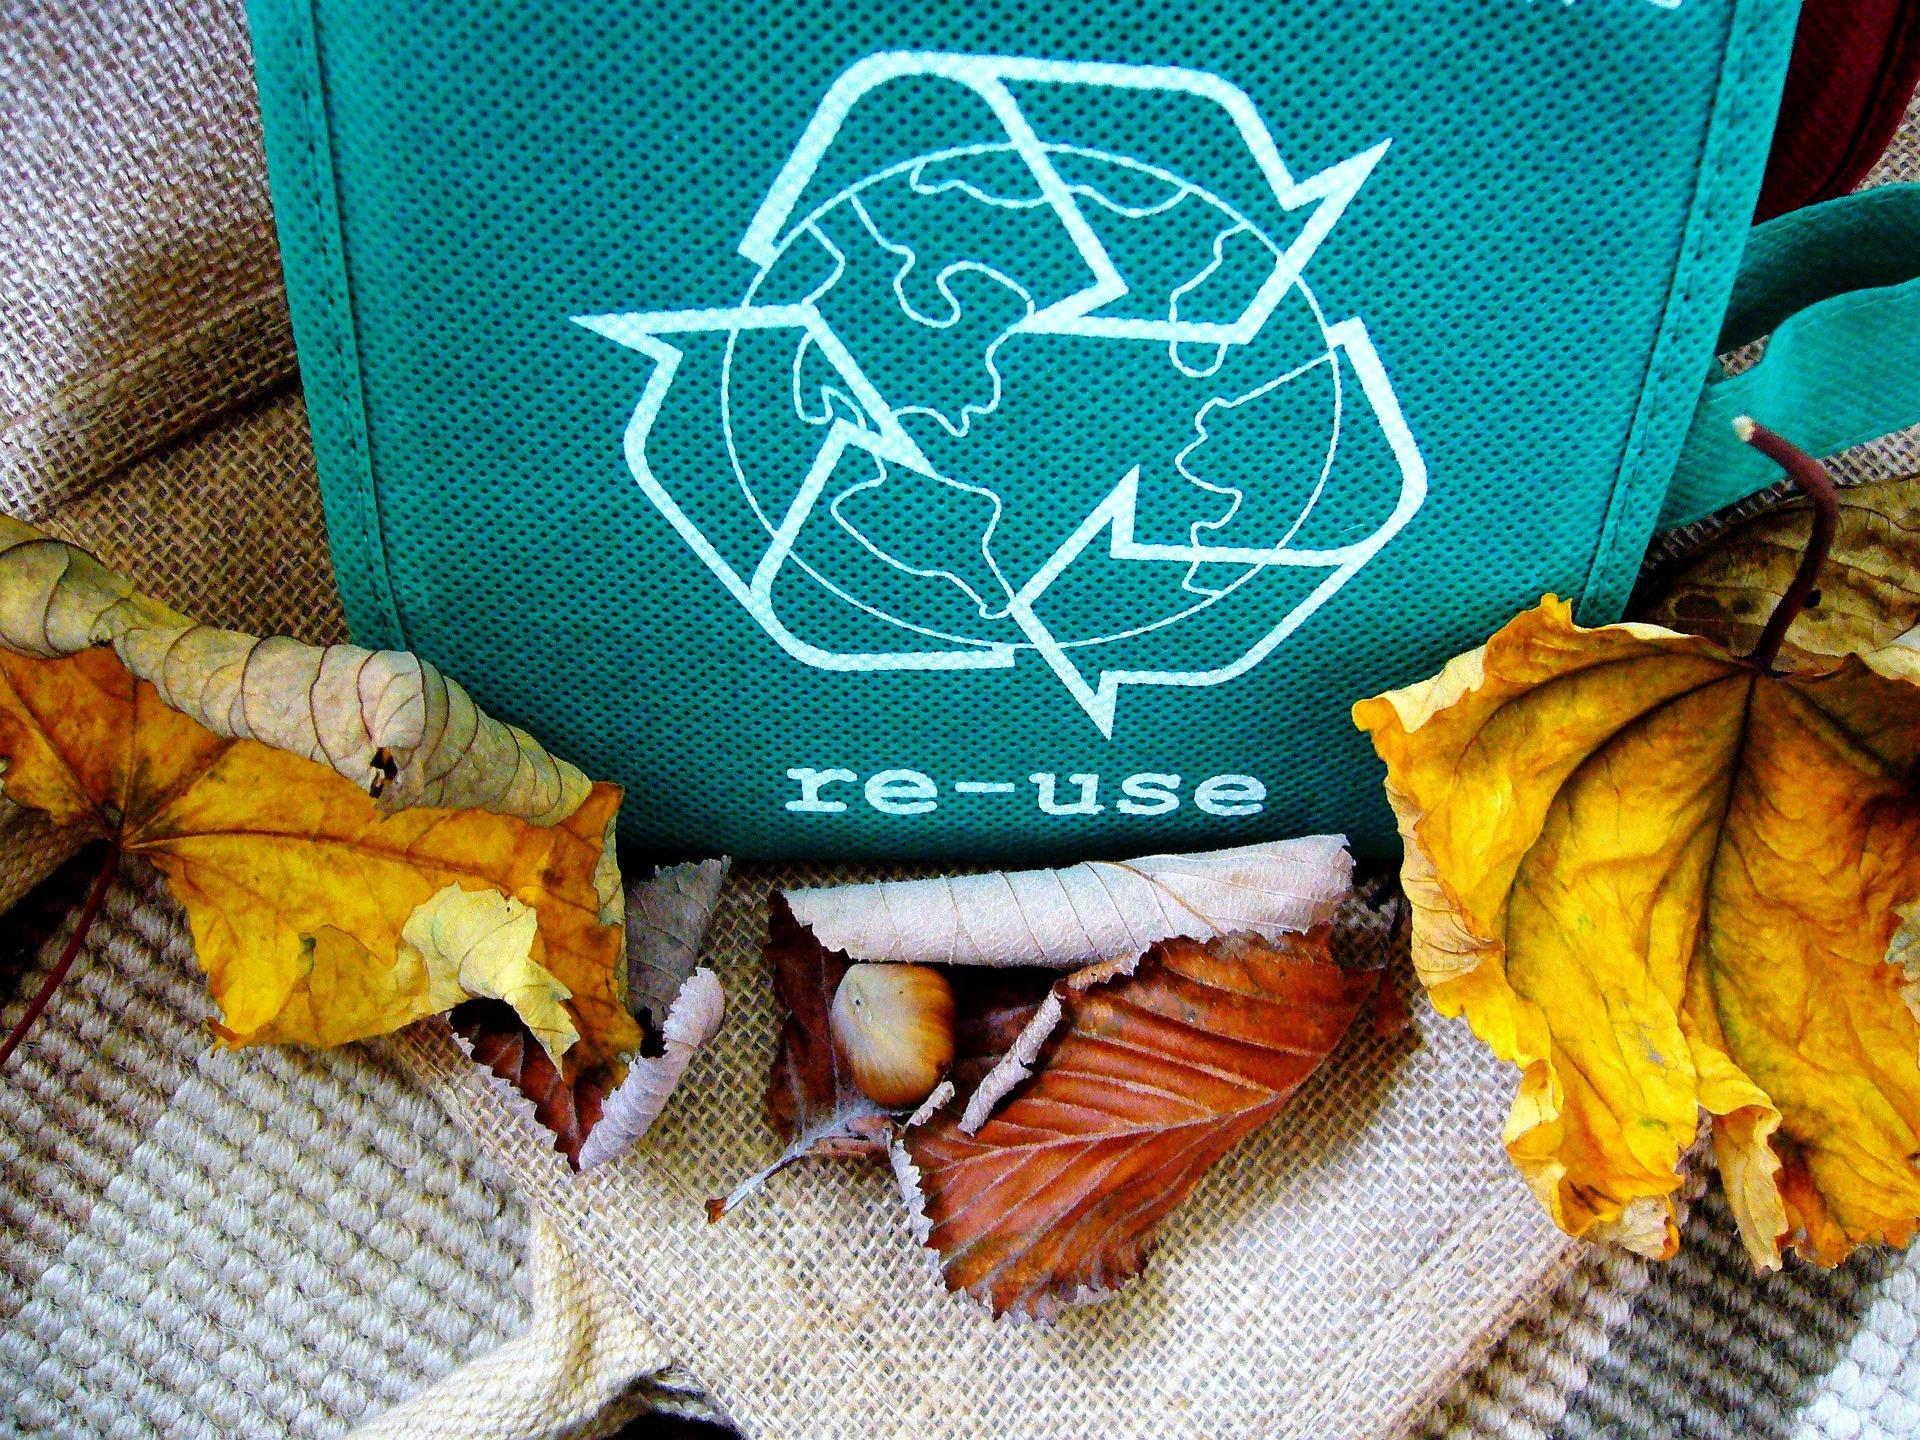 Экологи России объединились и опубликовали меморандум против сжигания и за переработку мусора